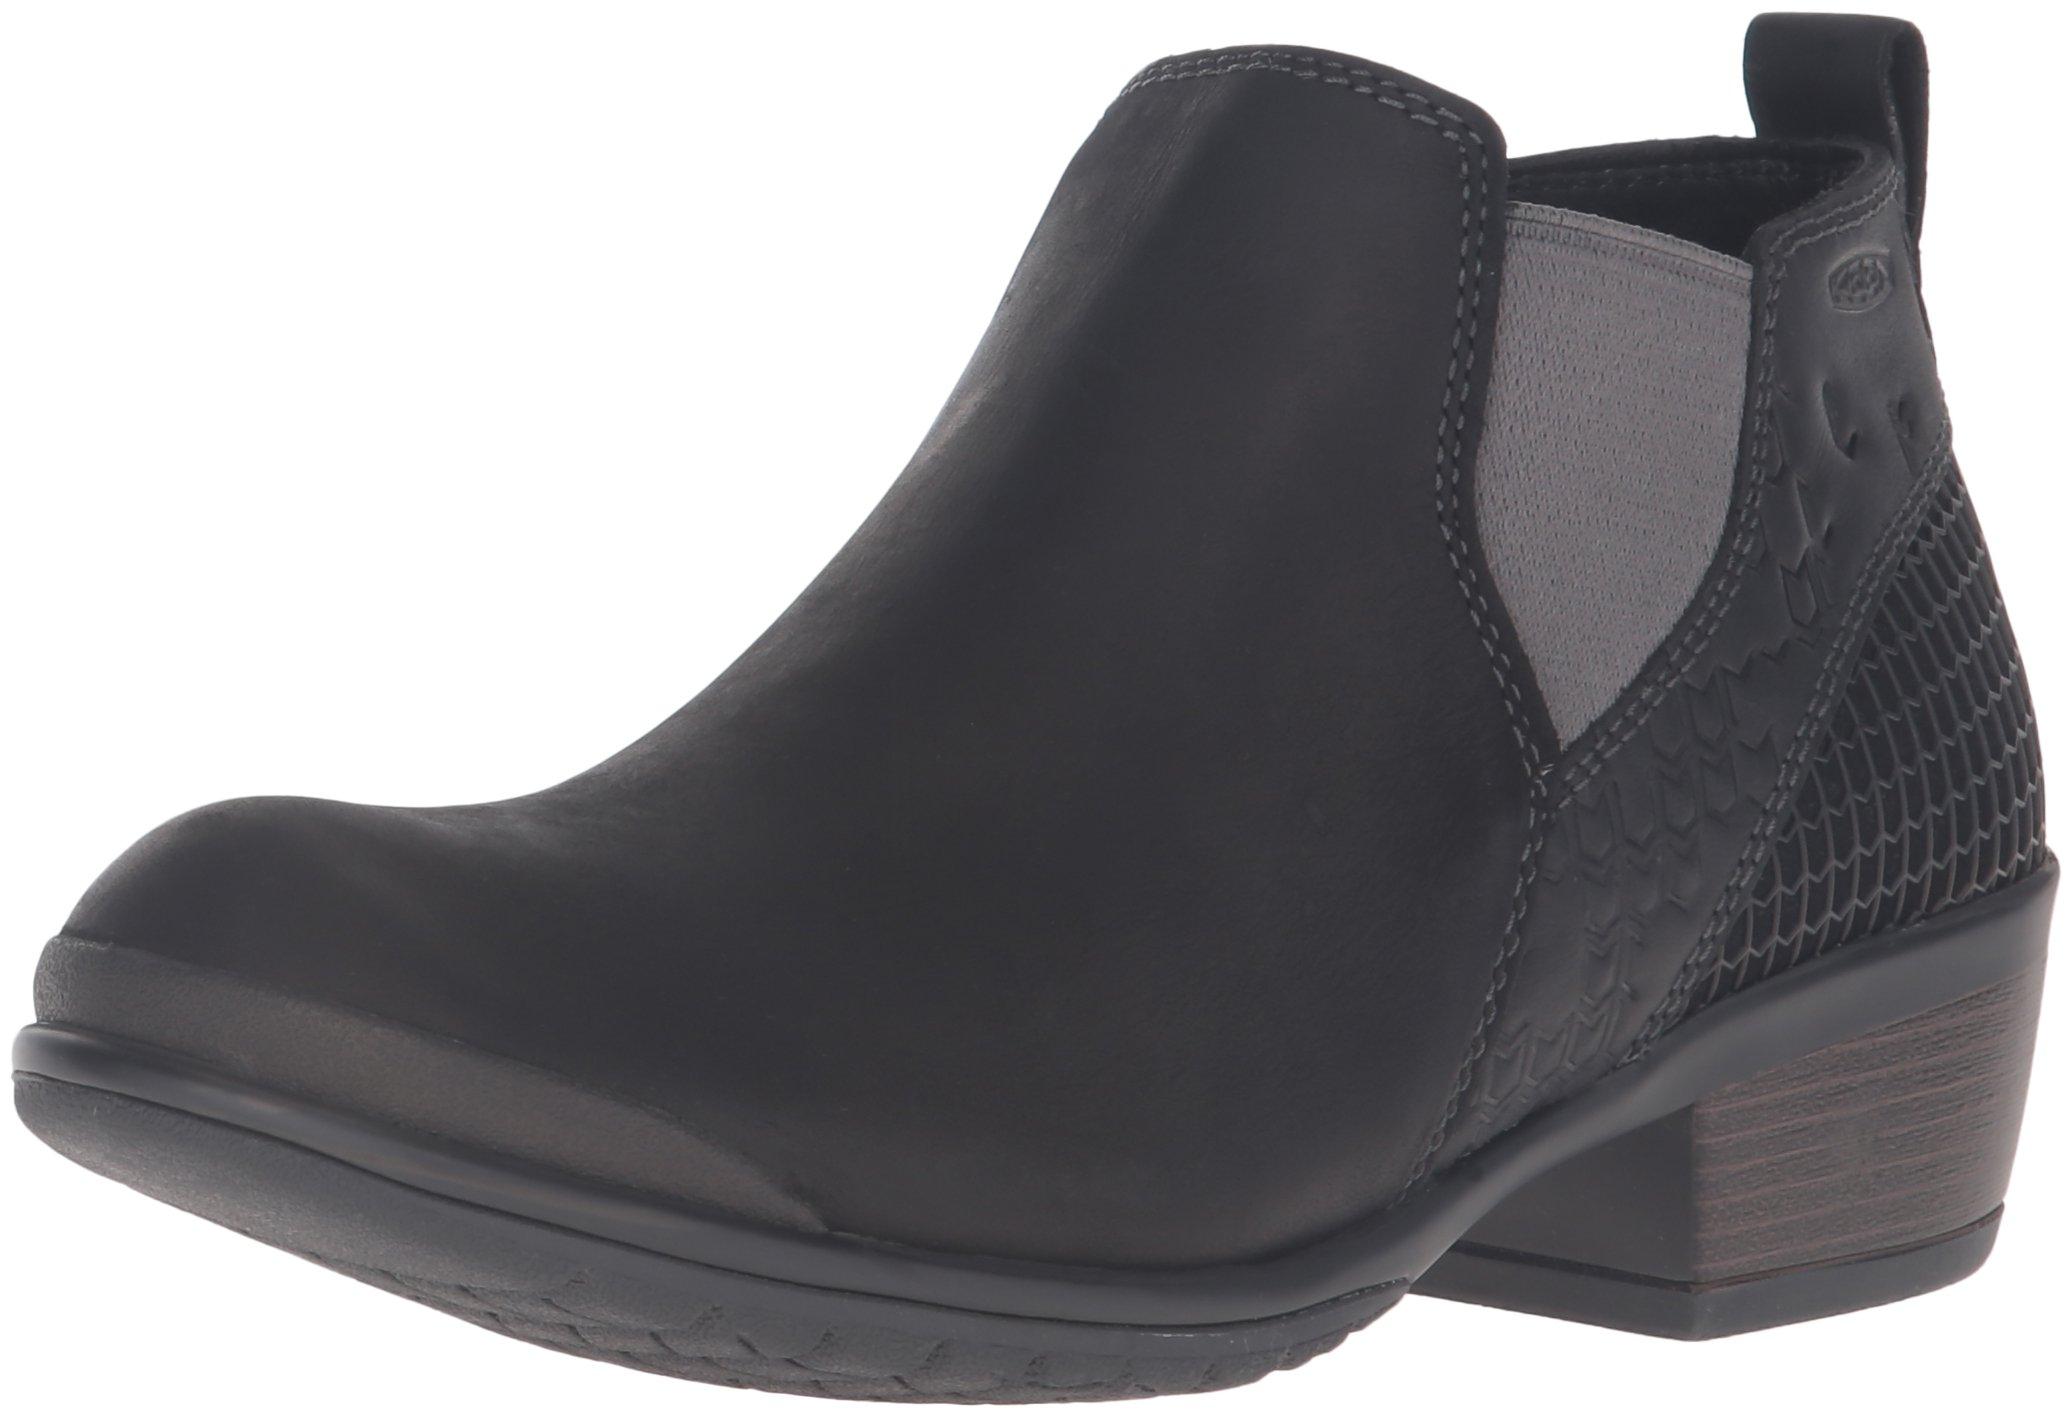 KEEN Women's Morrison Chelsea Shoe, Black, 8.5 M US